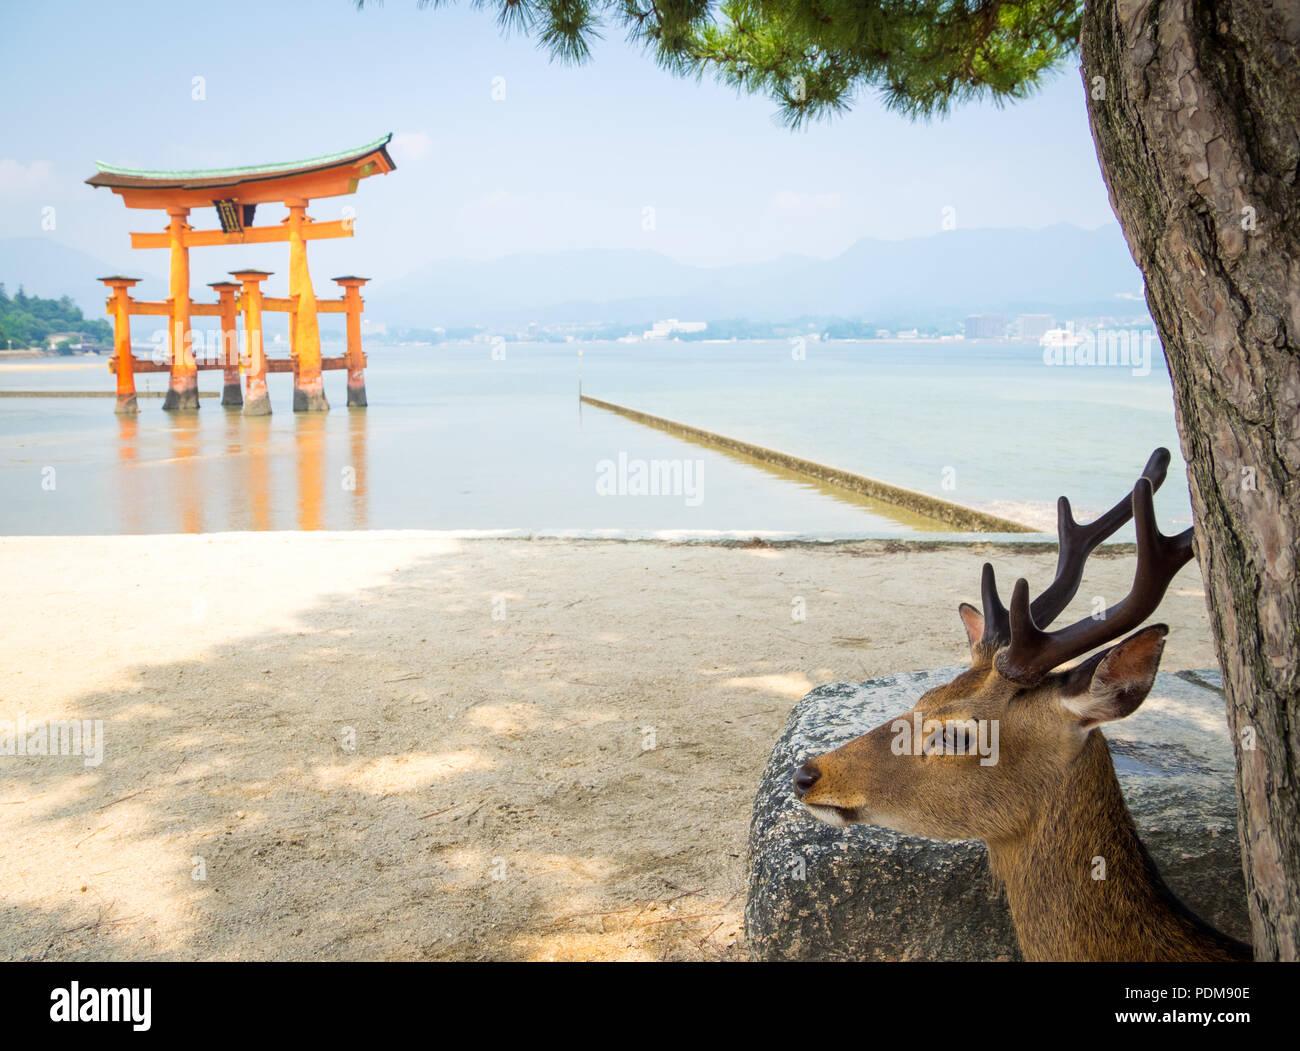 Un maschio di sika cervo (Cervus nippon) nella parte anteriore della floating gate torii al santuario di Itsukushima sull'isola di Miyajima, Prefettura di Hiroshima, Giappone. Immagini Stock